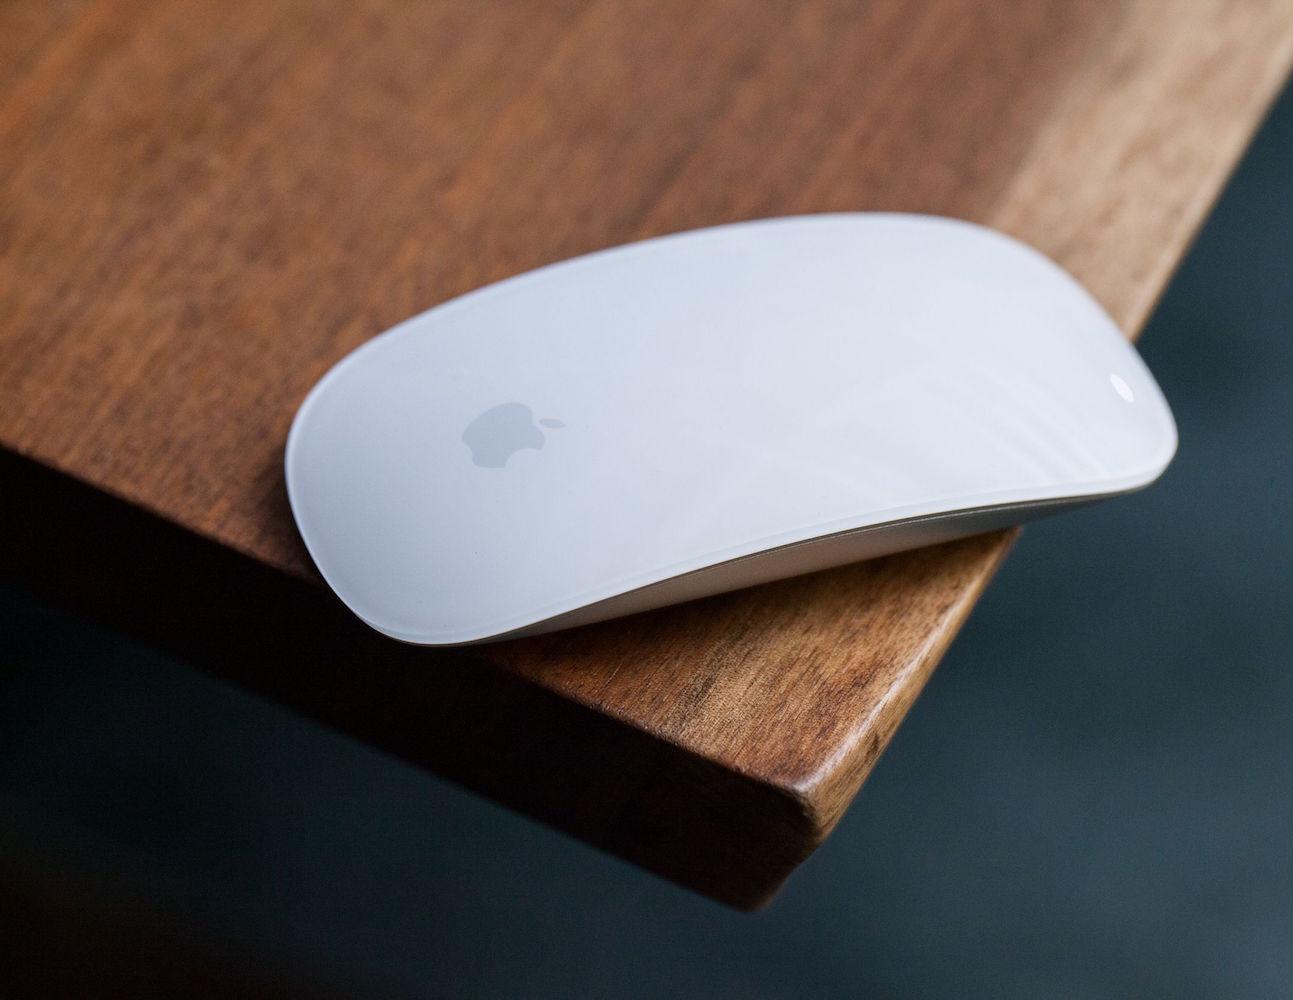 Magic-Mouse-2-01